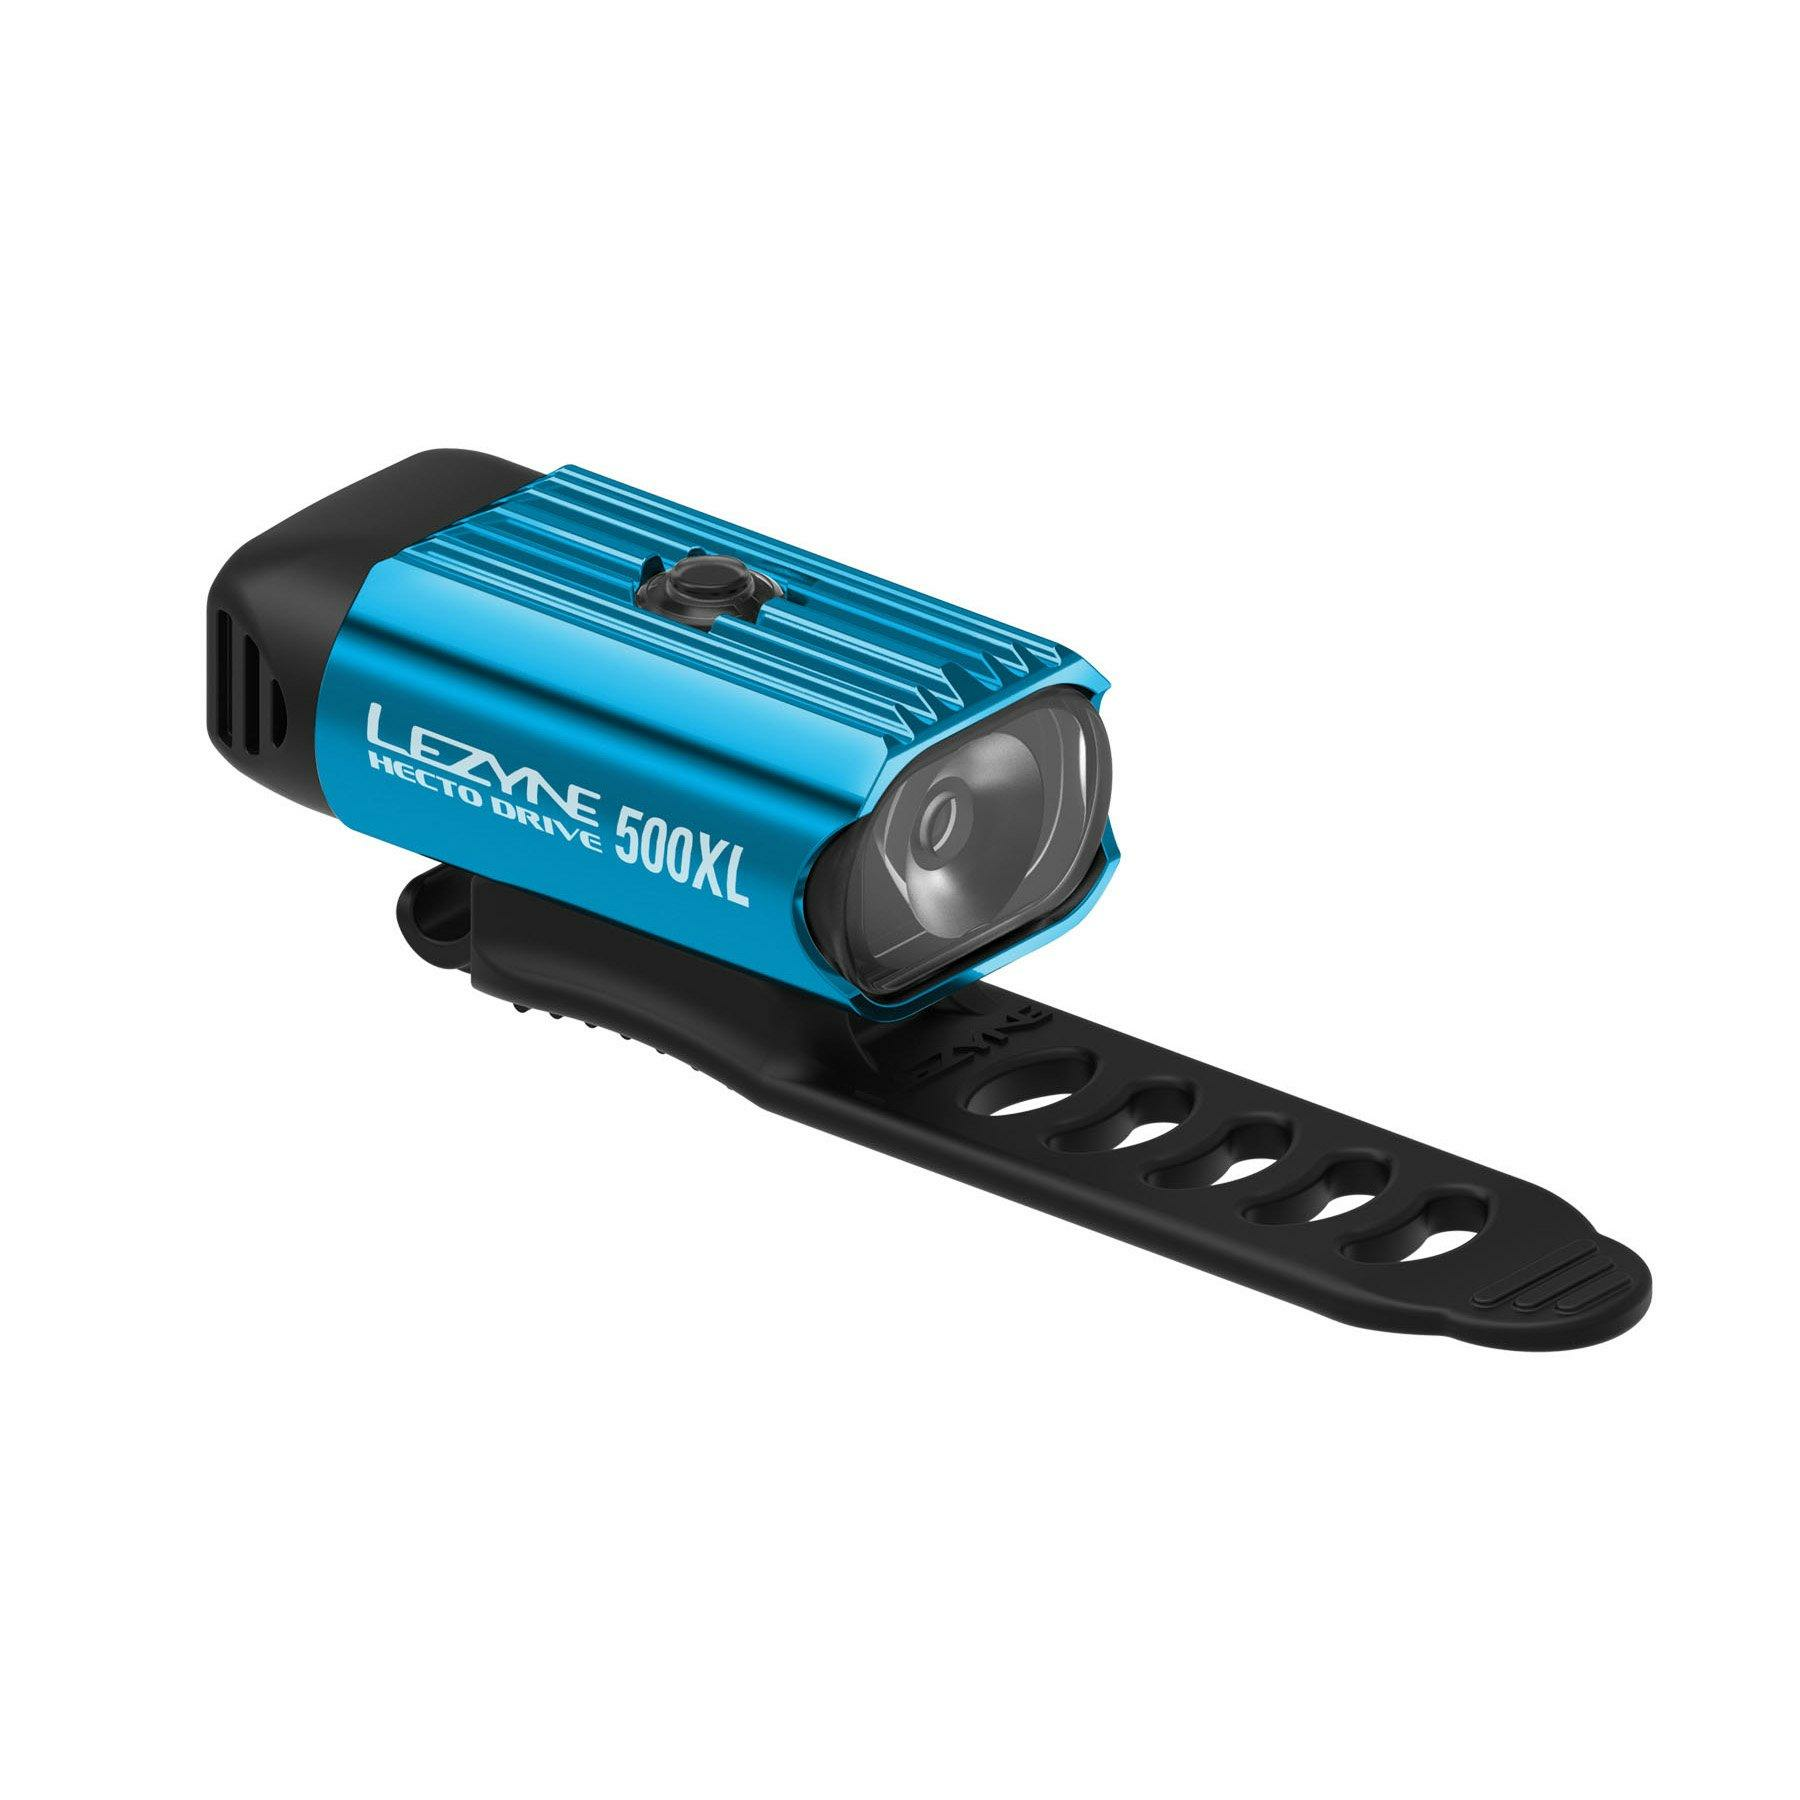 Lezyne Hecto Drive 500XL Scheinwerfer